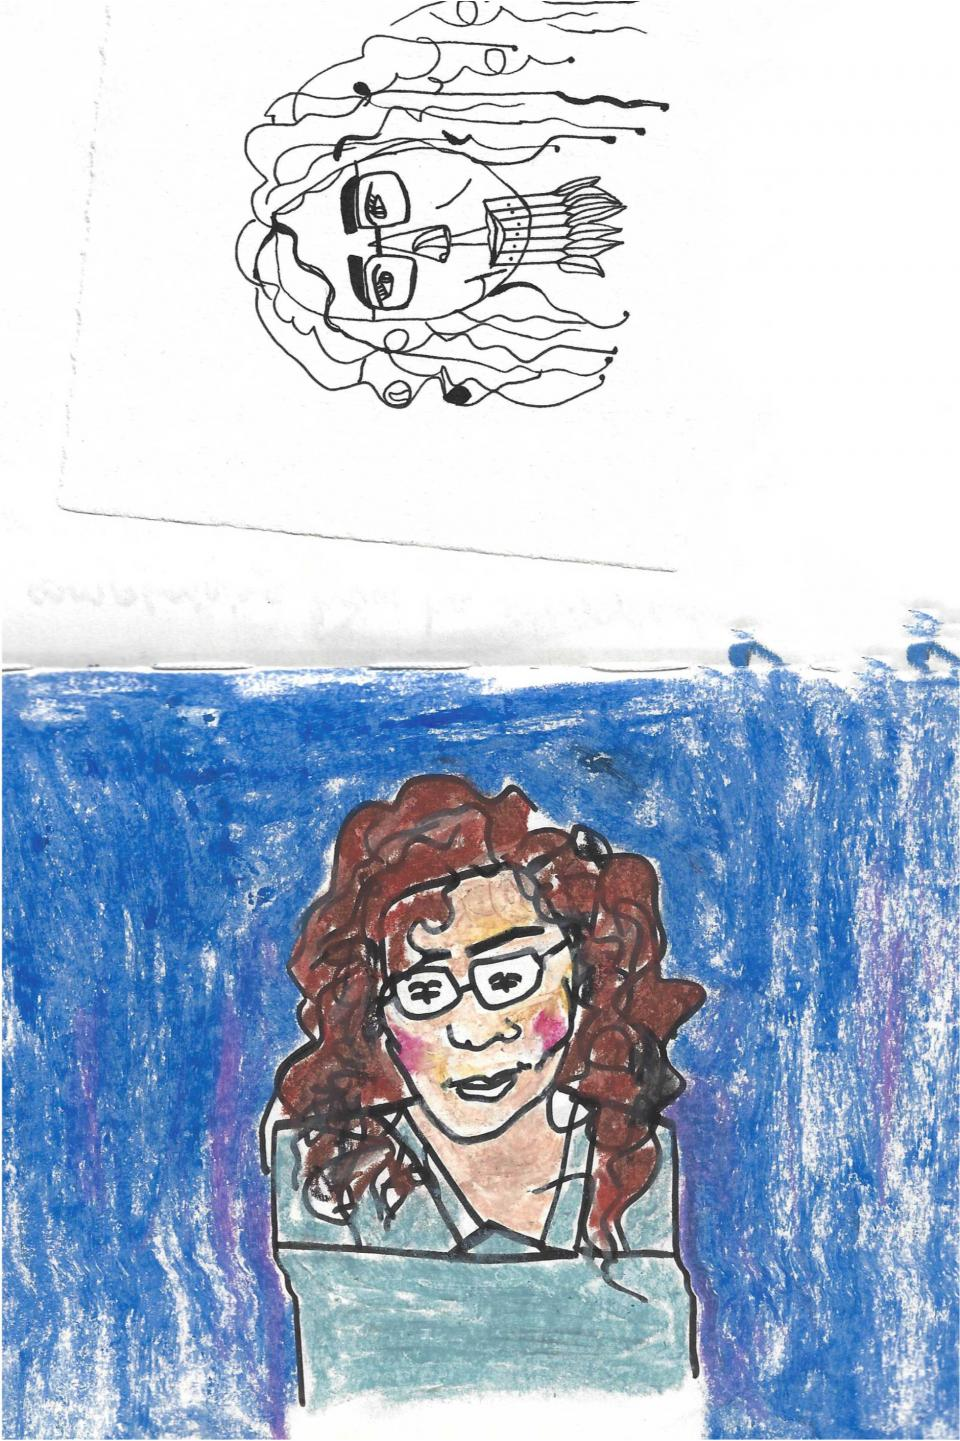 صورة 1: أيّهما أنا؟، حبر وباستيل على ورق، رسم: بكريّة صائب